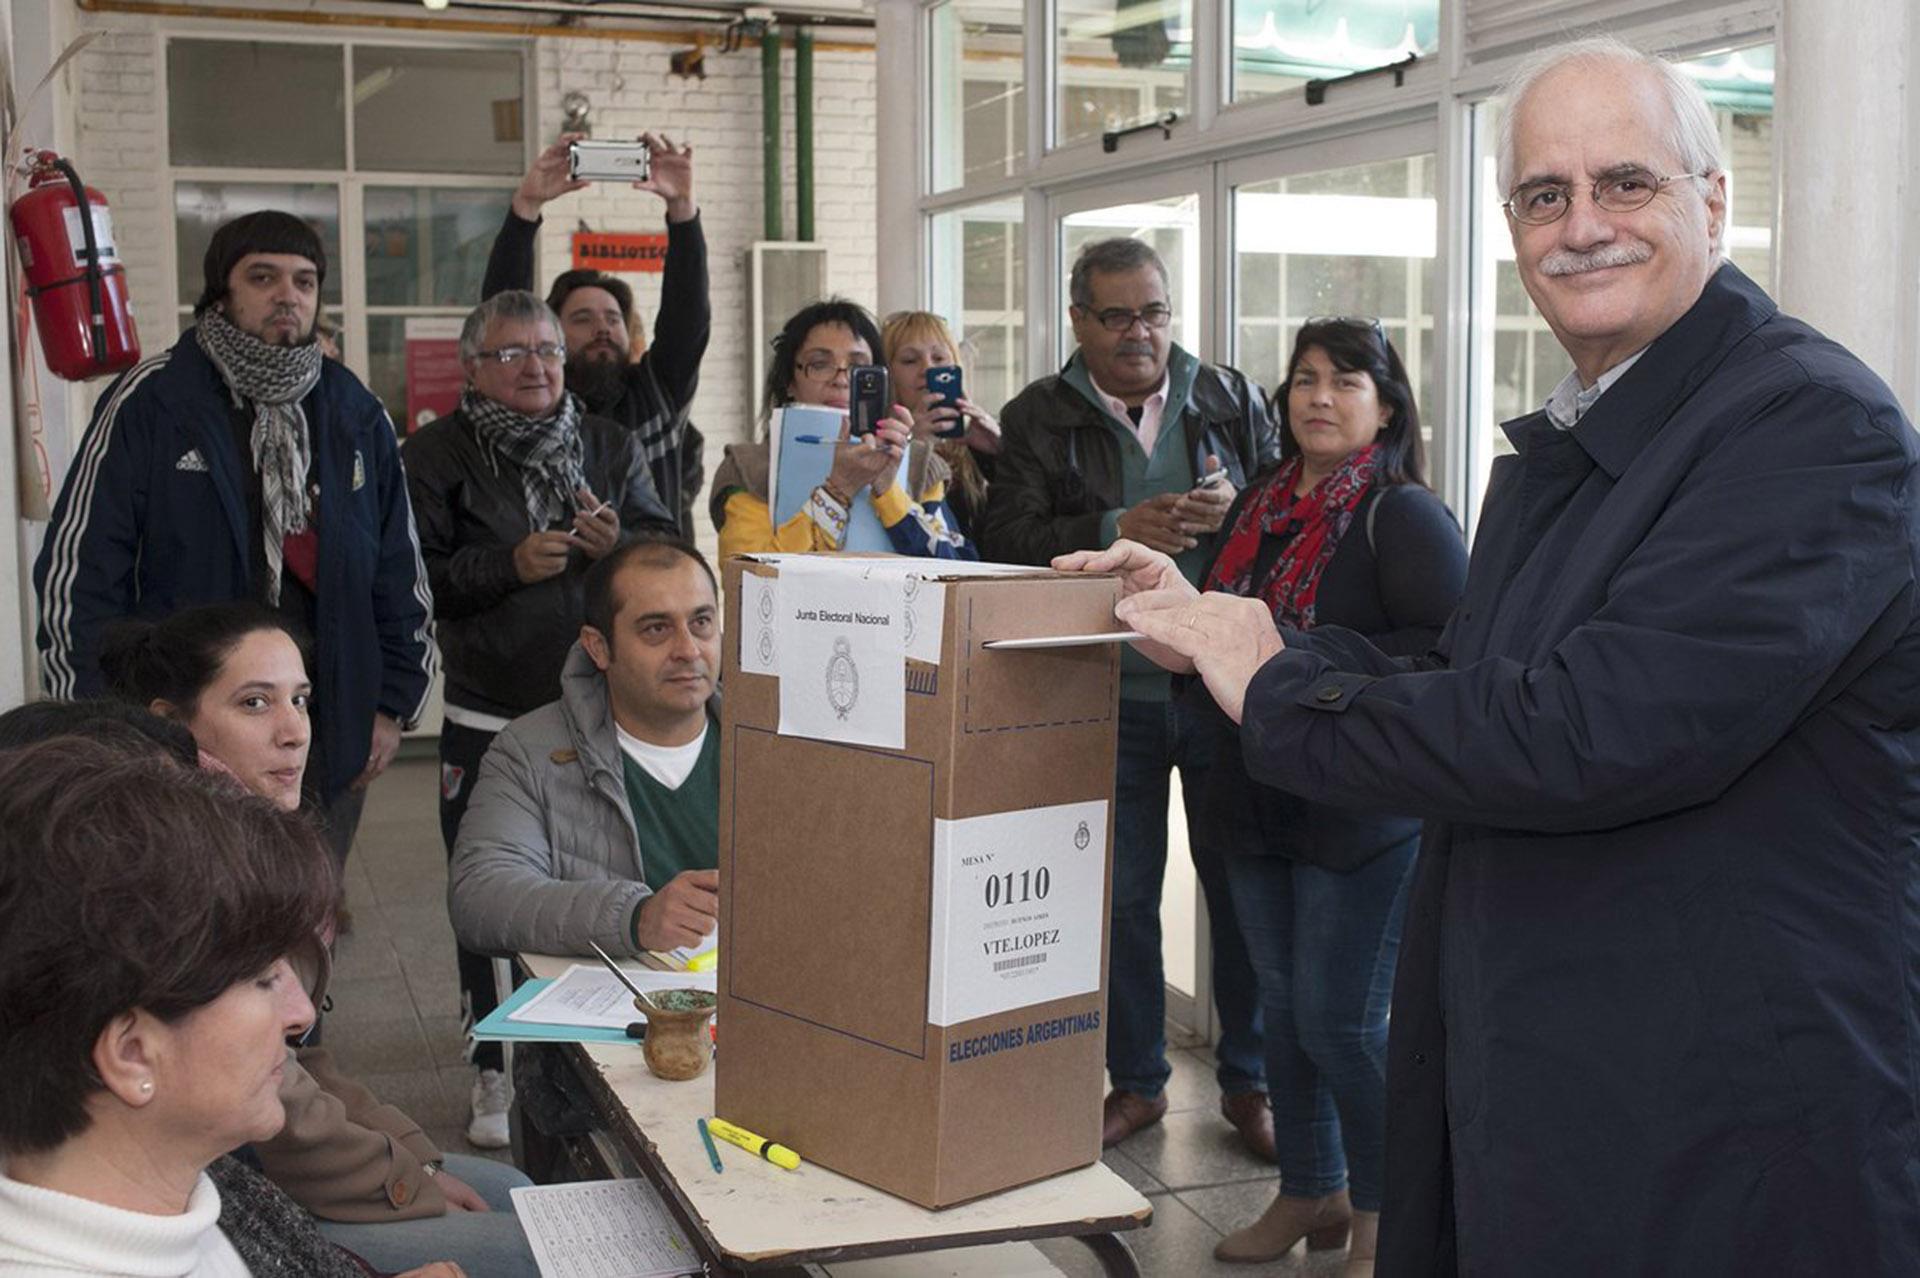 Jorge Taiana, el candidato a senador del partido Unidad Ciudadana, eligió una propuesta conservadora adaptada al frío